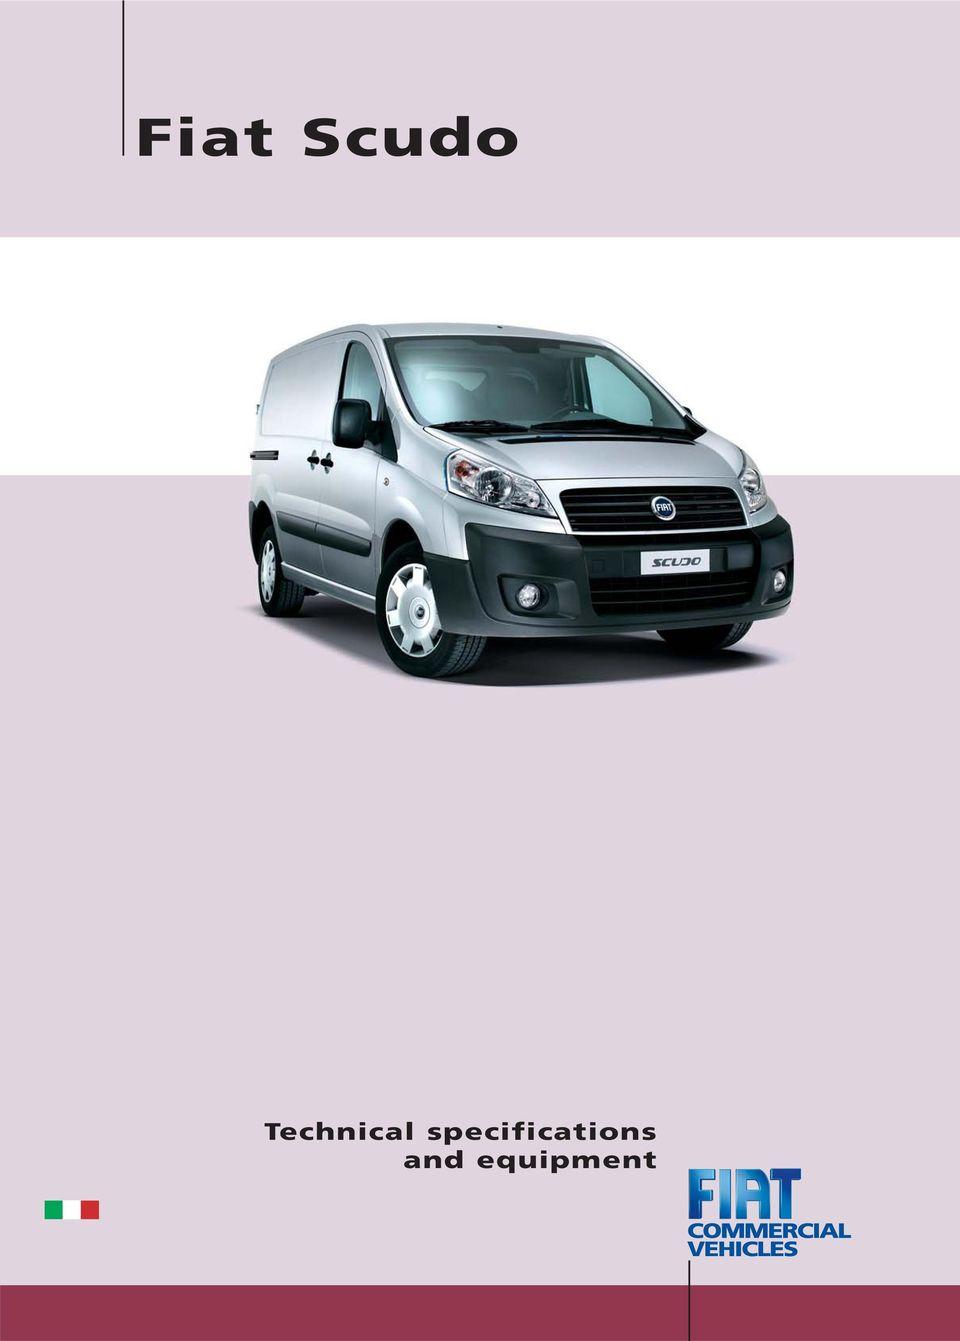 hight resolution of fiat scudo van combi engine 90 multijet no of cylinders arrangement 4